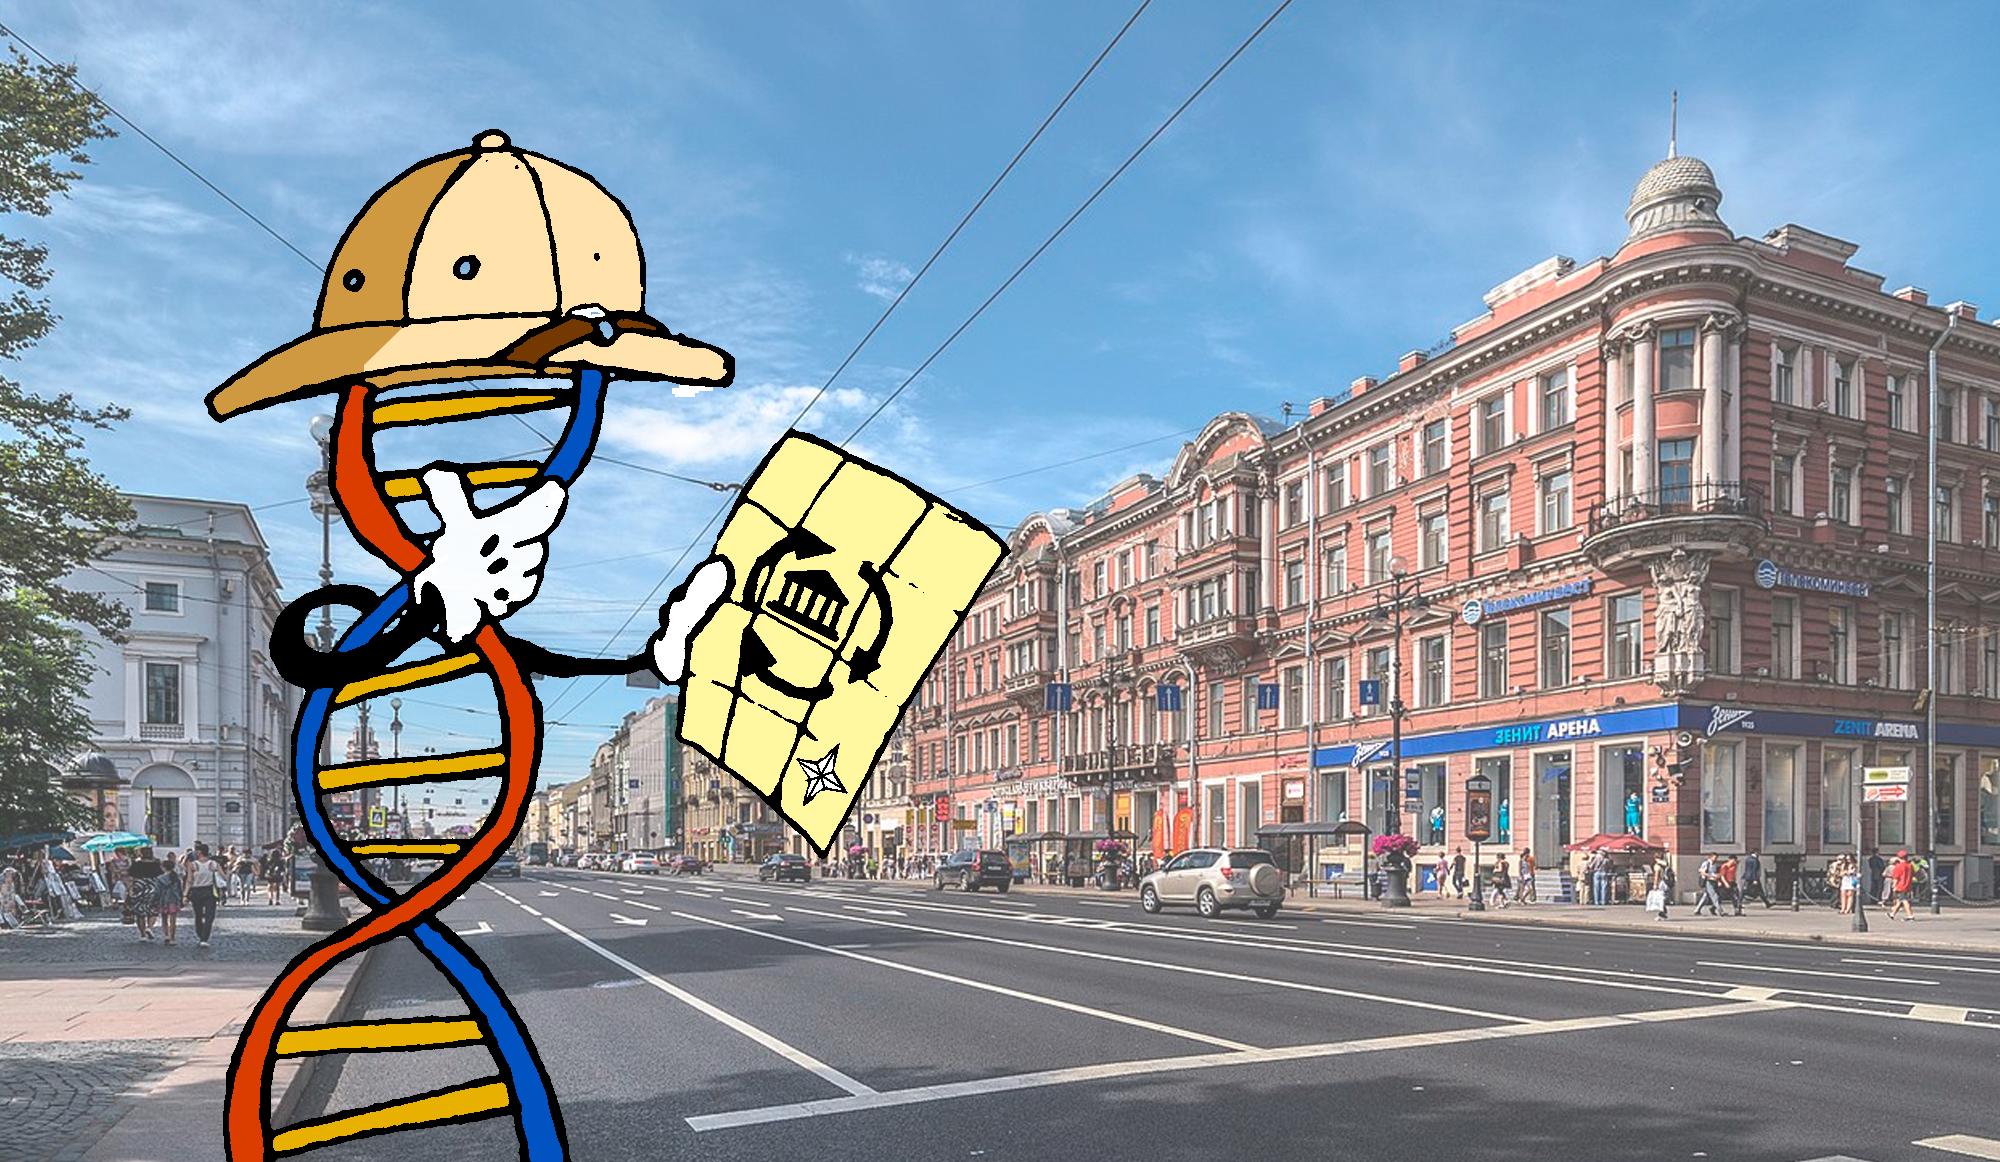 Гуляем по городу с умом — 2: ходим по городу кругами с помощью генетического алгоритма